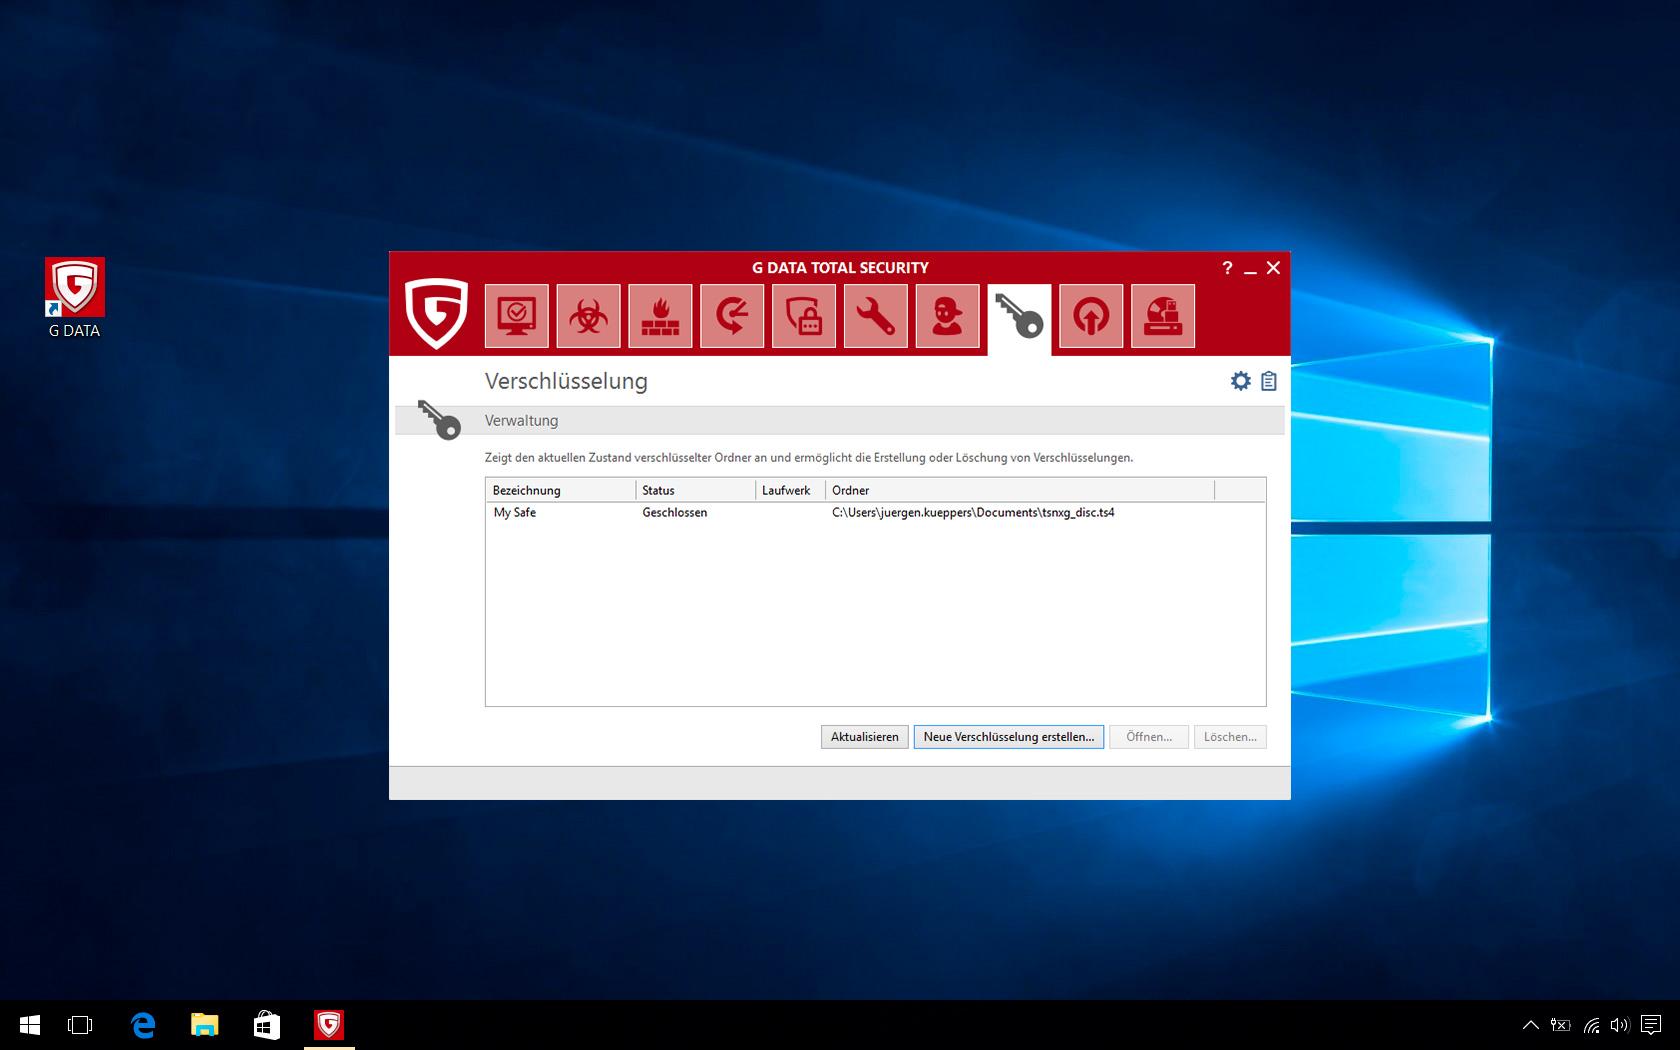 G_DATA_Screenshot_TS_2019_Verschluesselung.jpg